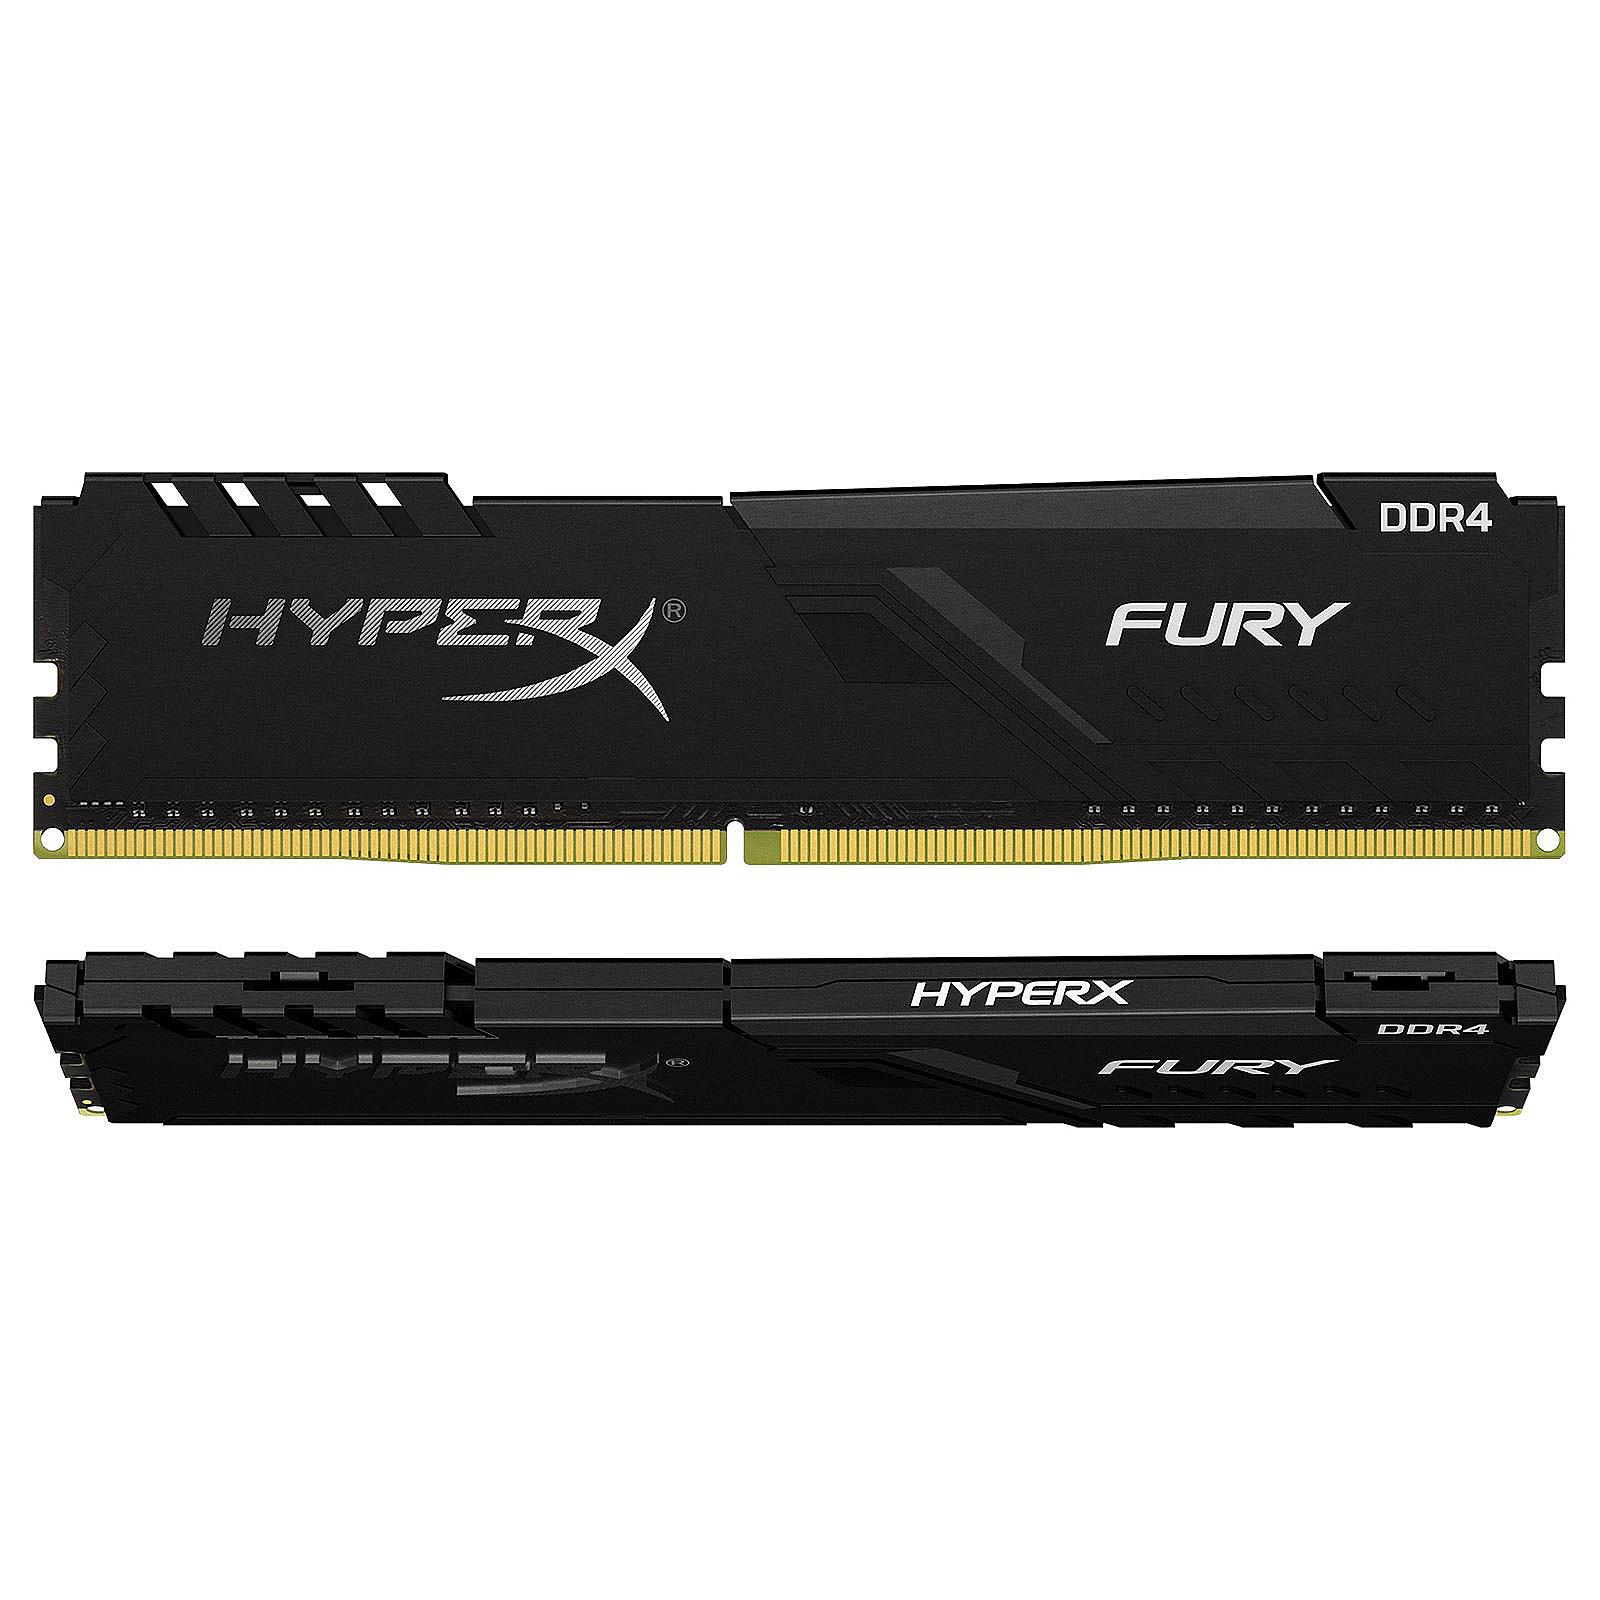 HyperX Fury 32 Go (2x 16 Go) DDR4 3600 MHz CL17